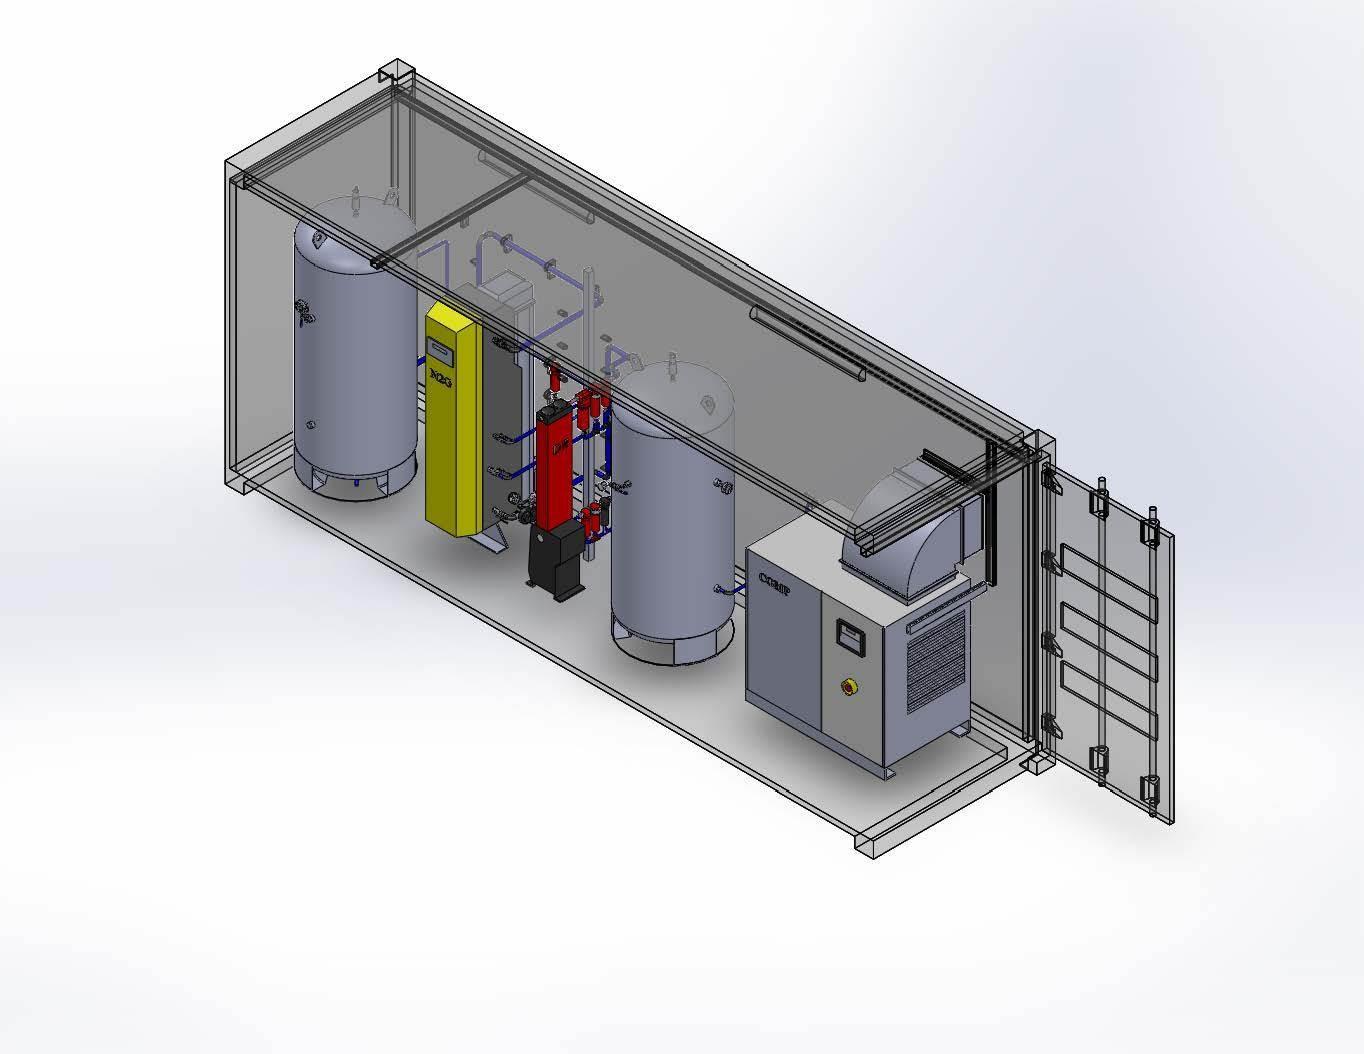 001-n2-generator-package-1-1